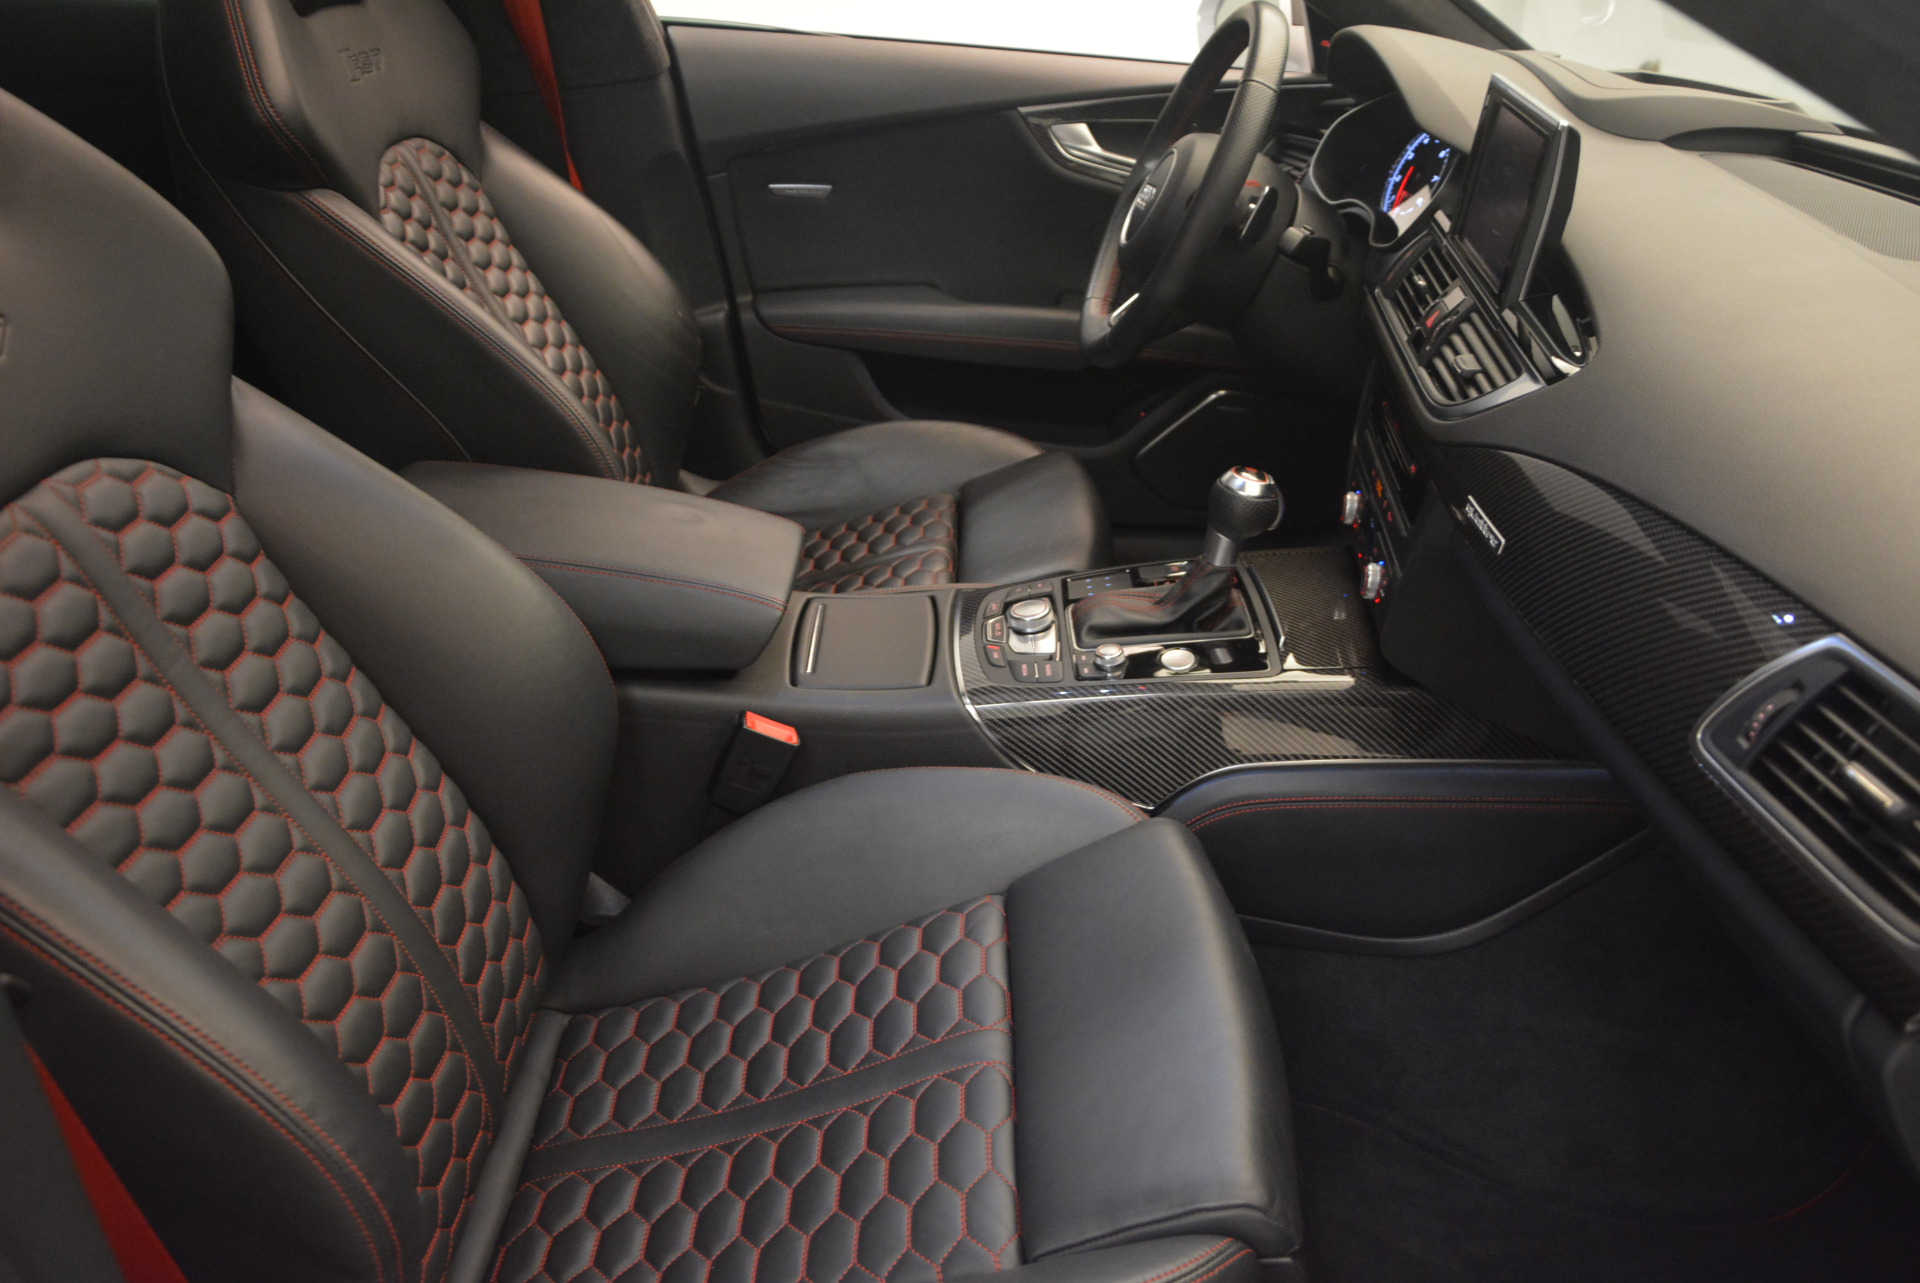 Used 2014 Audi RS 7 4.0T quattro Prestige For Sale In Greenwich, CT 1262_p41